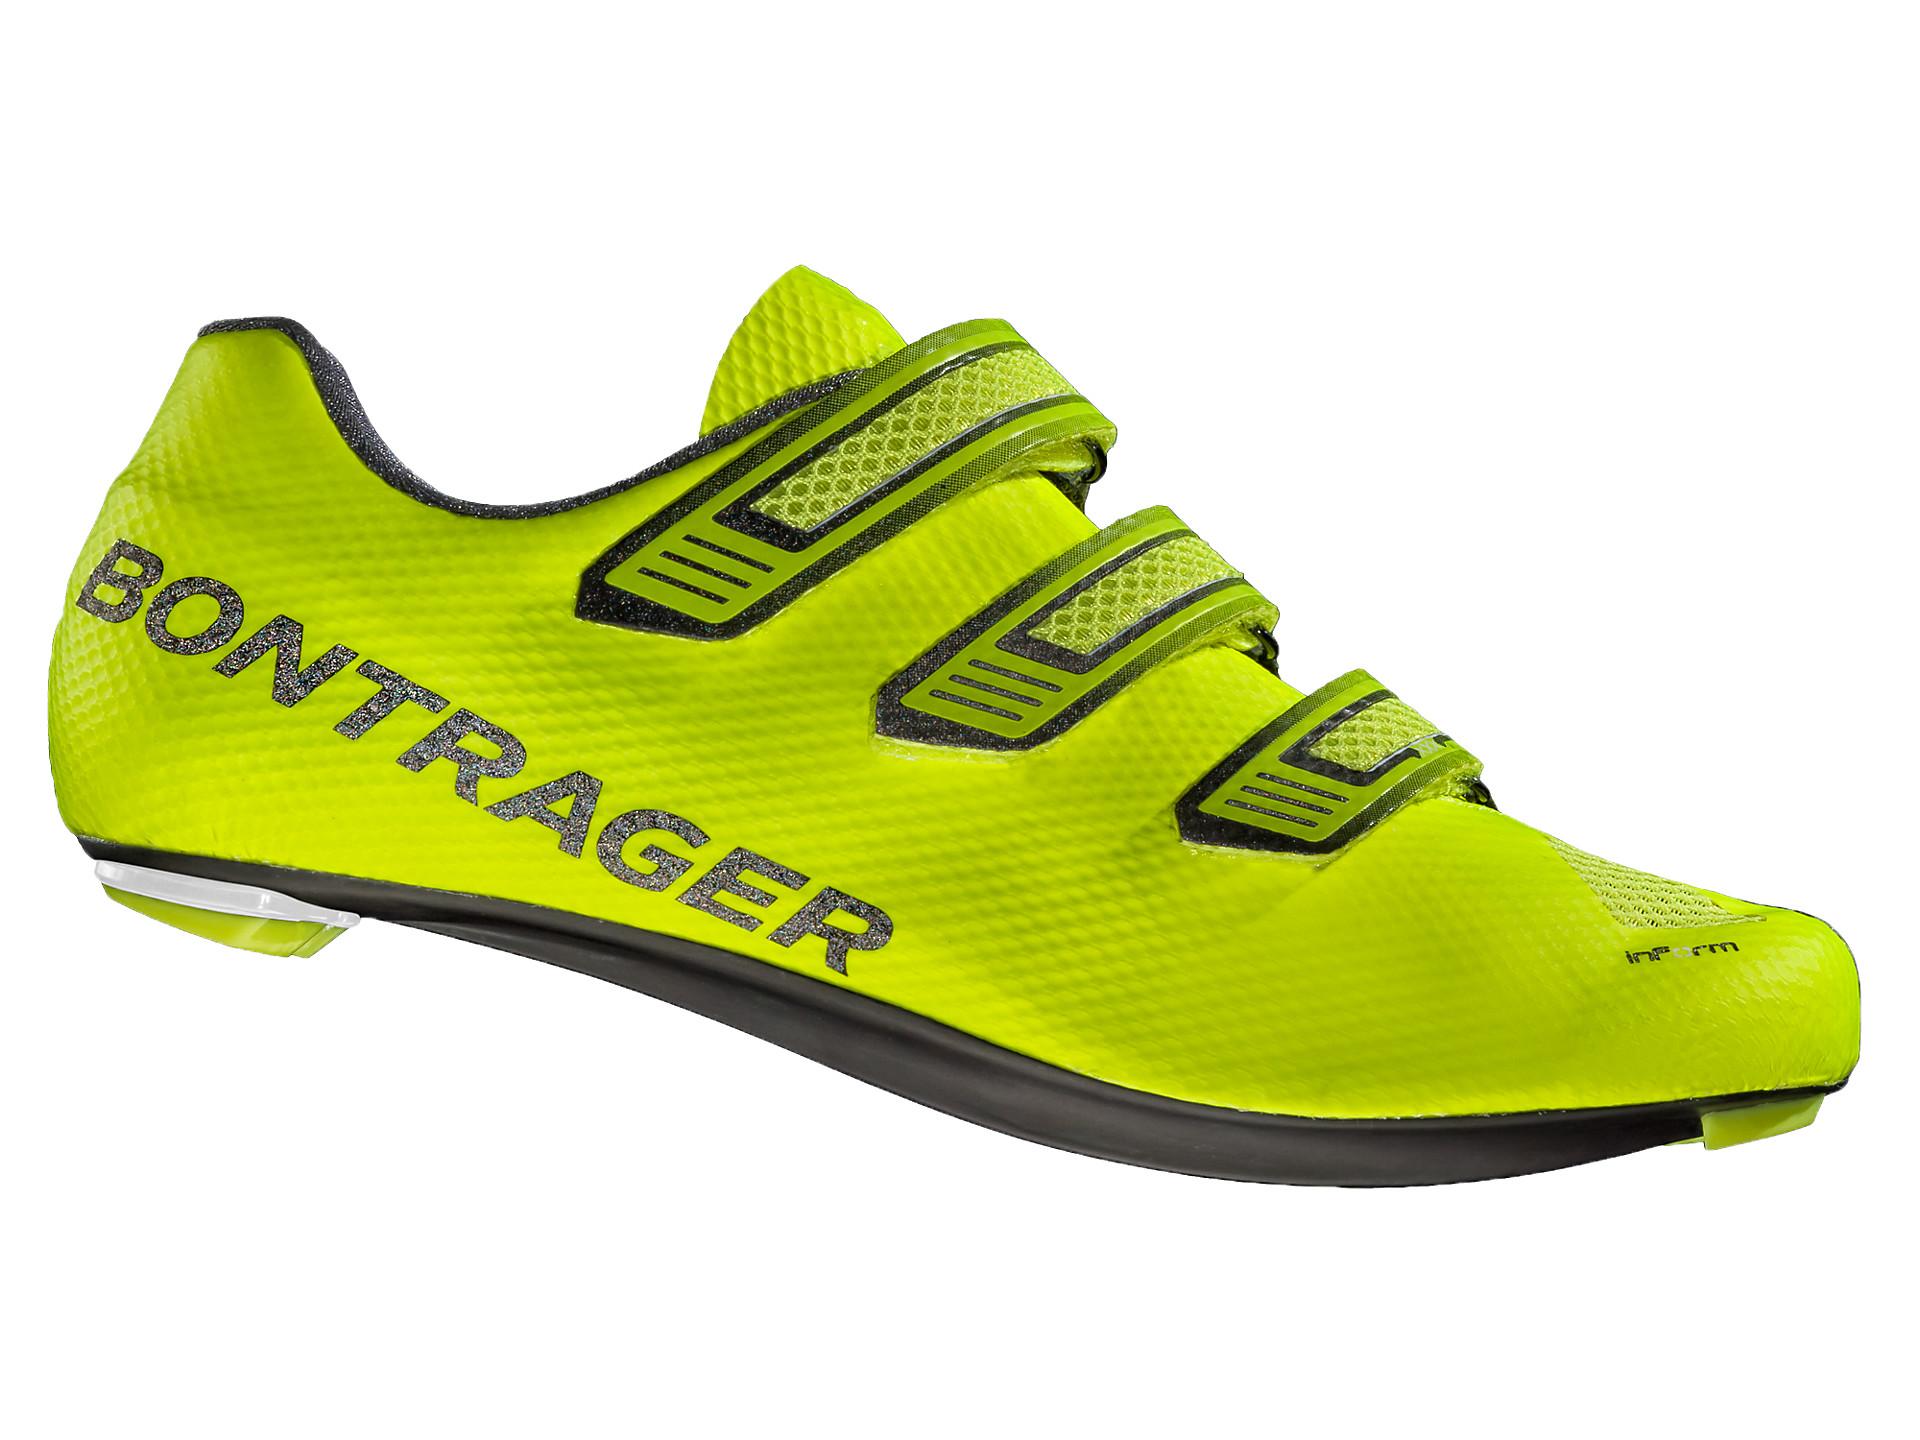 meilleure vente plus de photos profiter du prix de liquidation Chaussures route Bontrger XXX LE | Trek Bikes (CA)